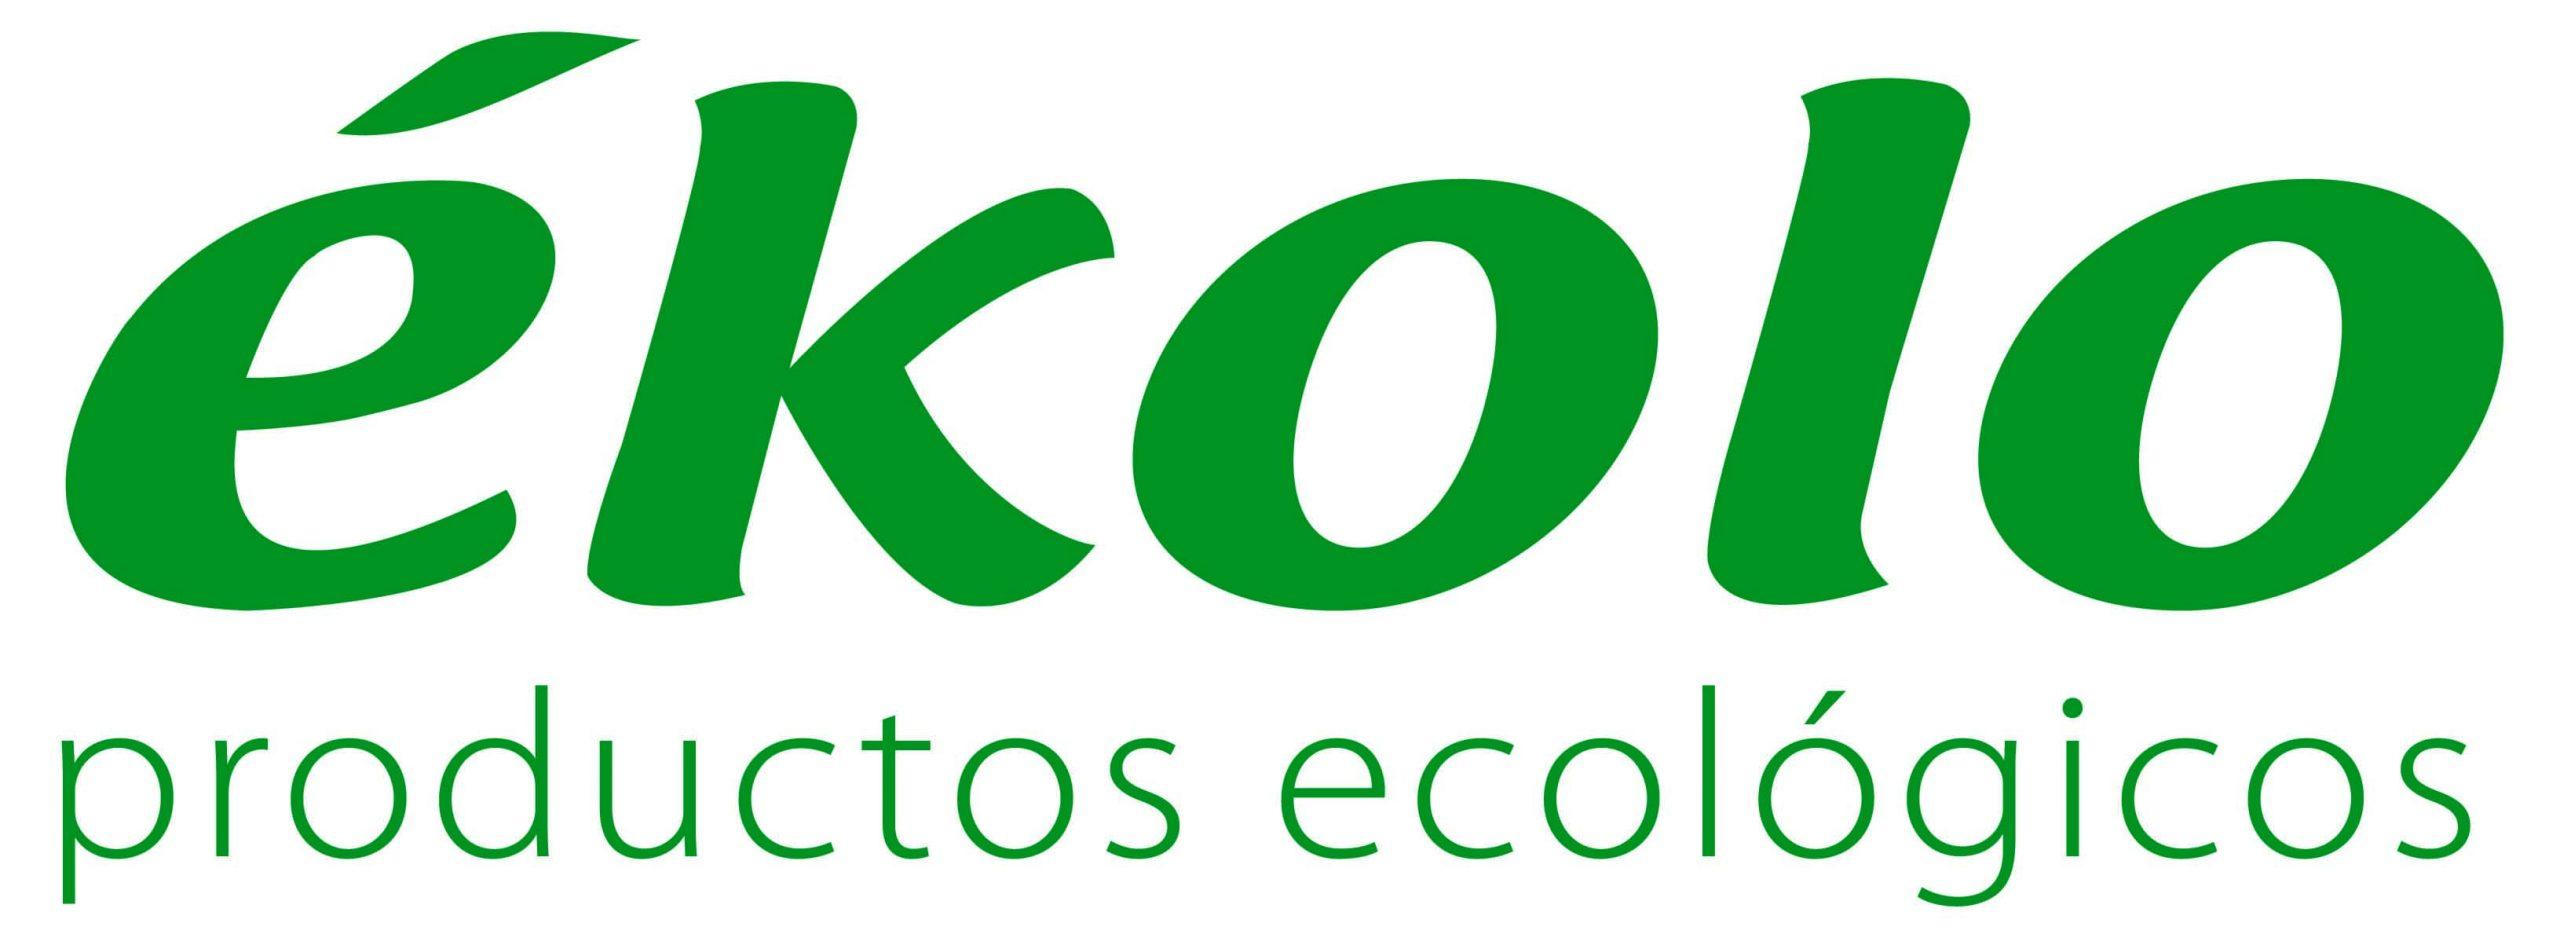 Ékolo Productos Ecológicos